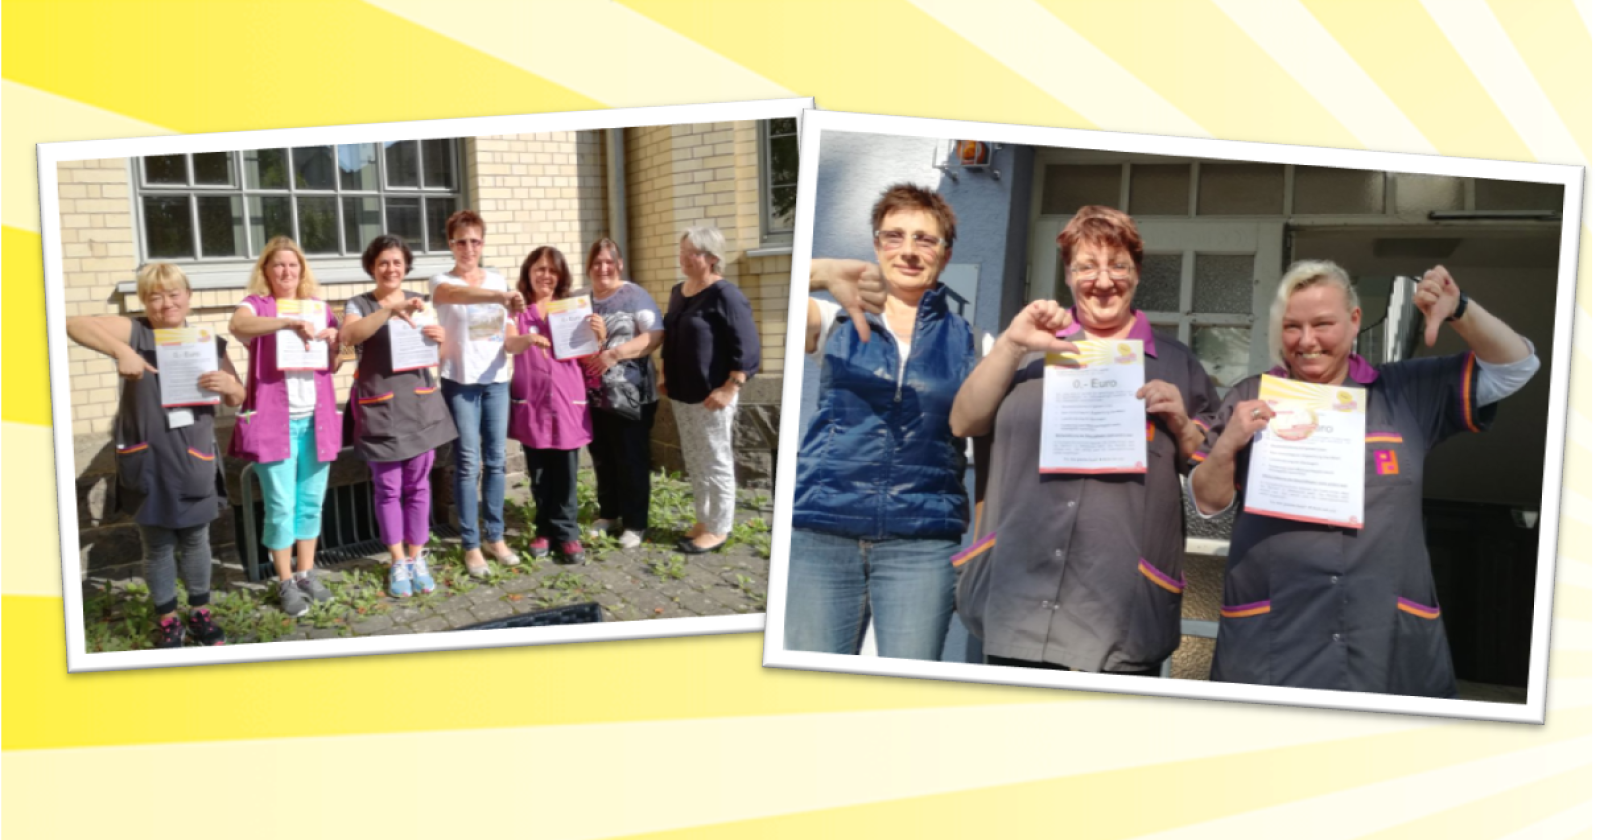 """Kolleginnen von Piepenbrock in Gießen sagen, """"Daumen runter!"""" zur Blockadehaltung der Arbeitgeber"""